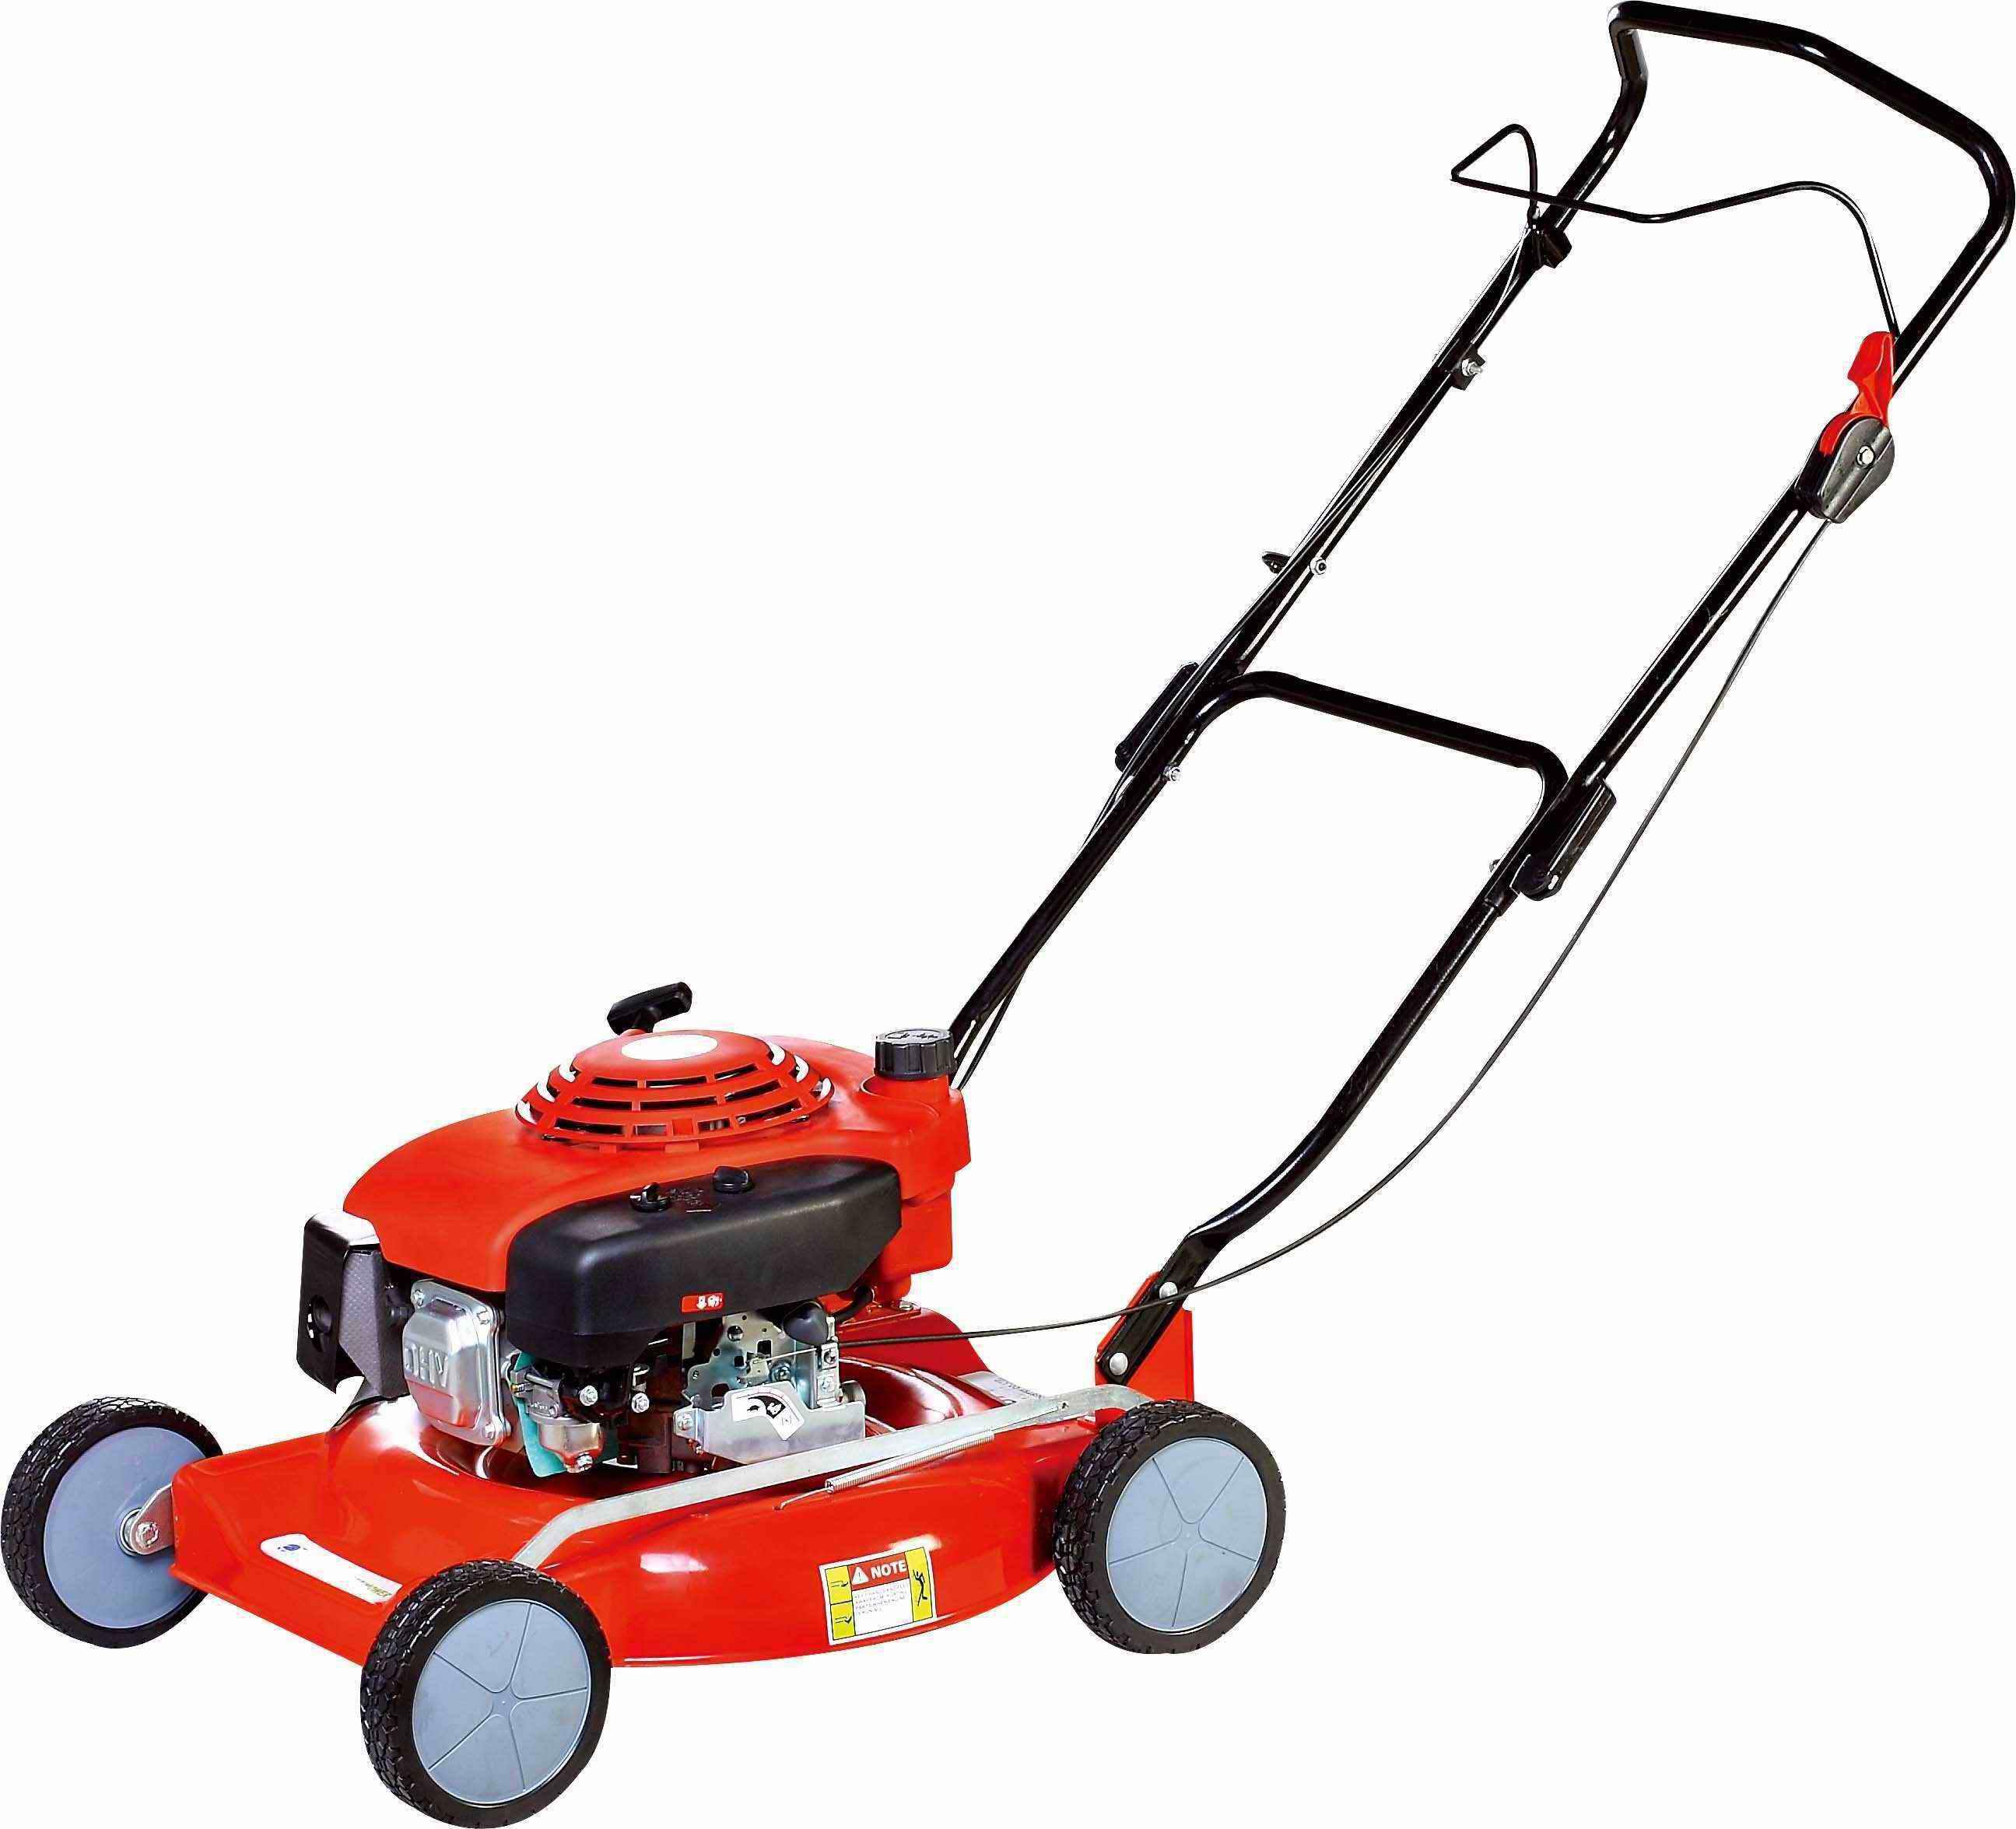 2591x2351 Lawn Clipart Push Mower